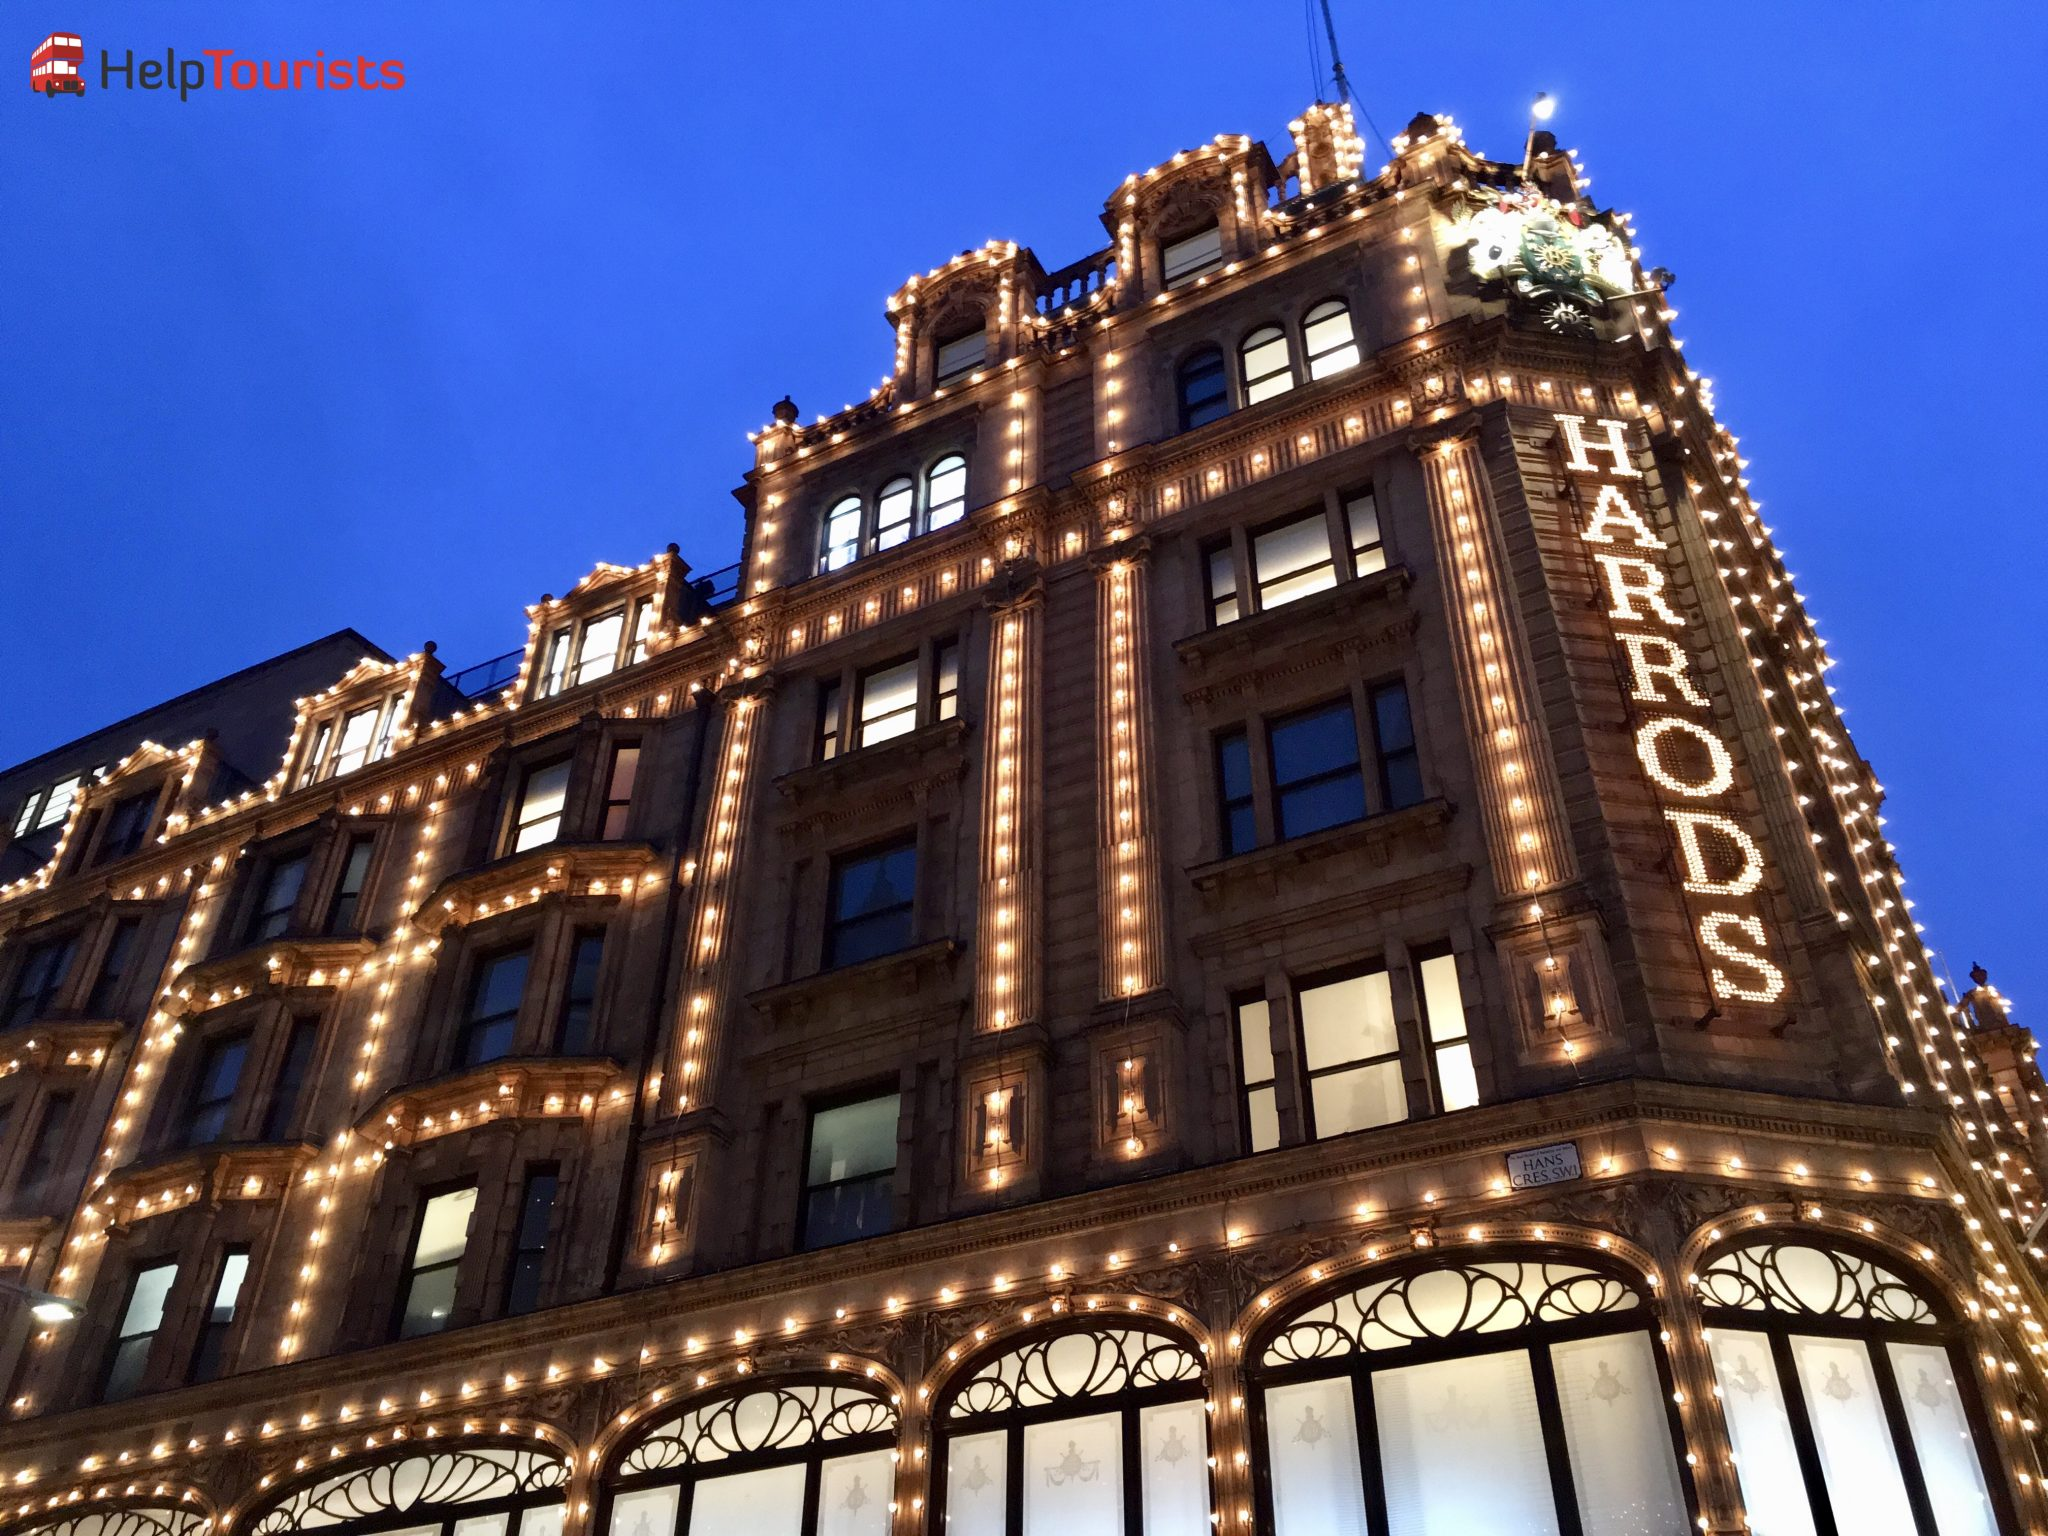 London Weihnachten Harrods